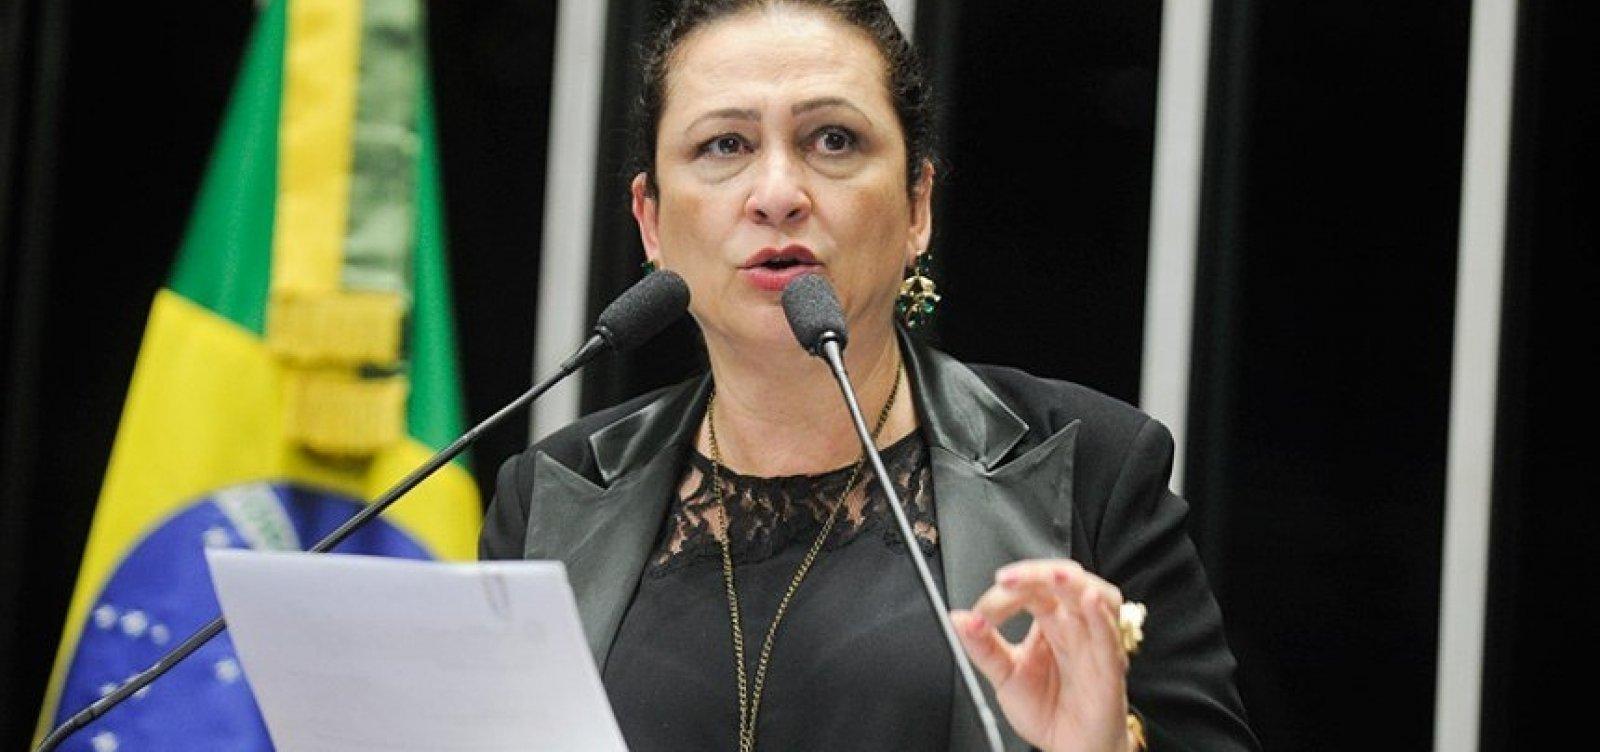 [Kátia Abreu pede remoção de Dallagnol da chefia da Lava Jato]